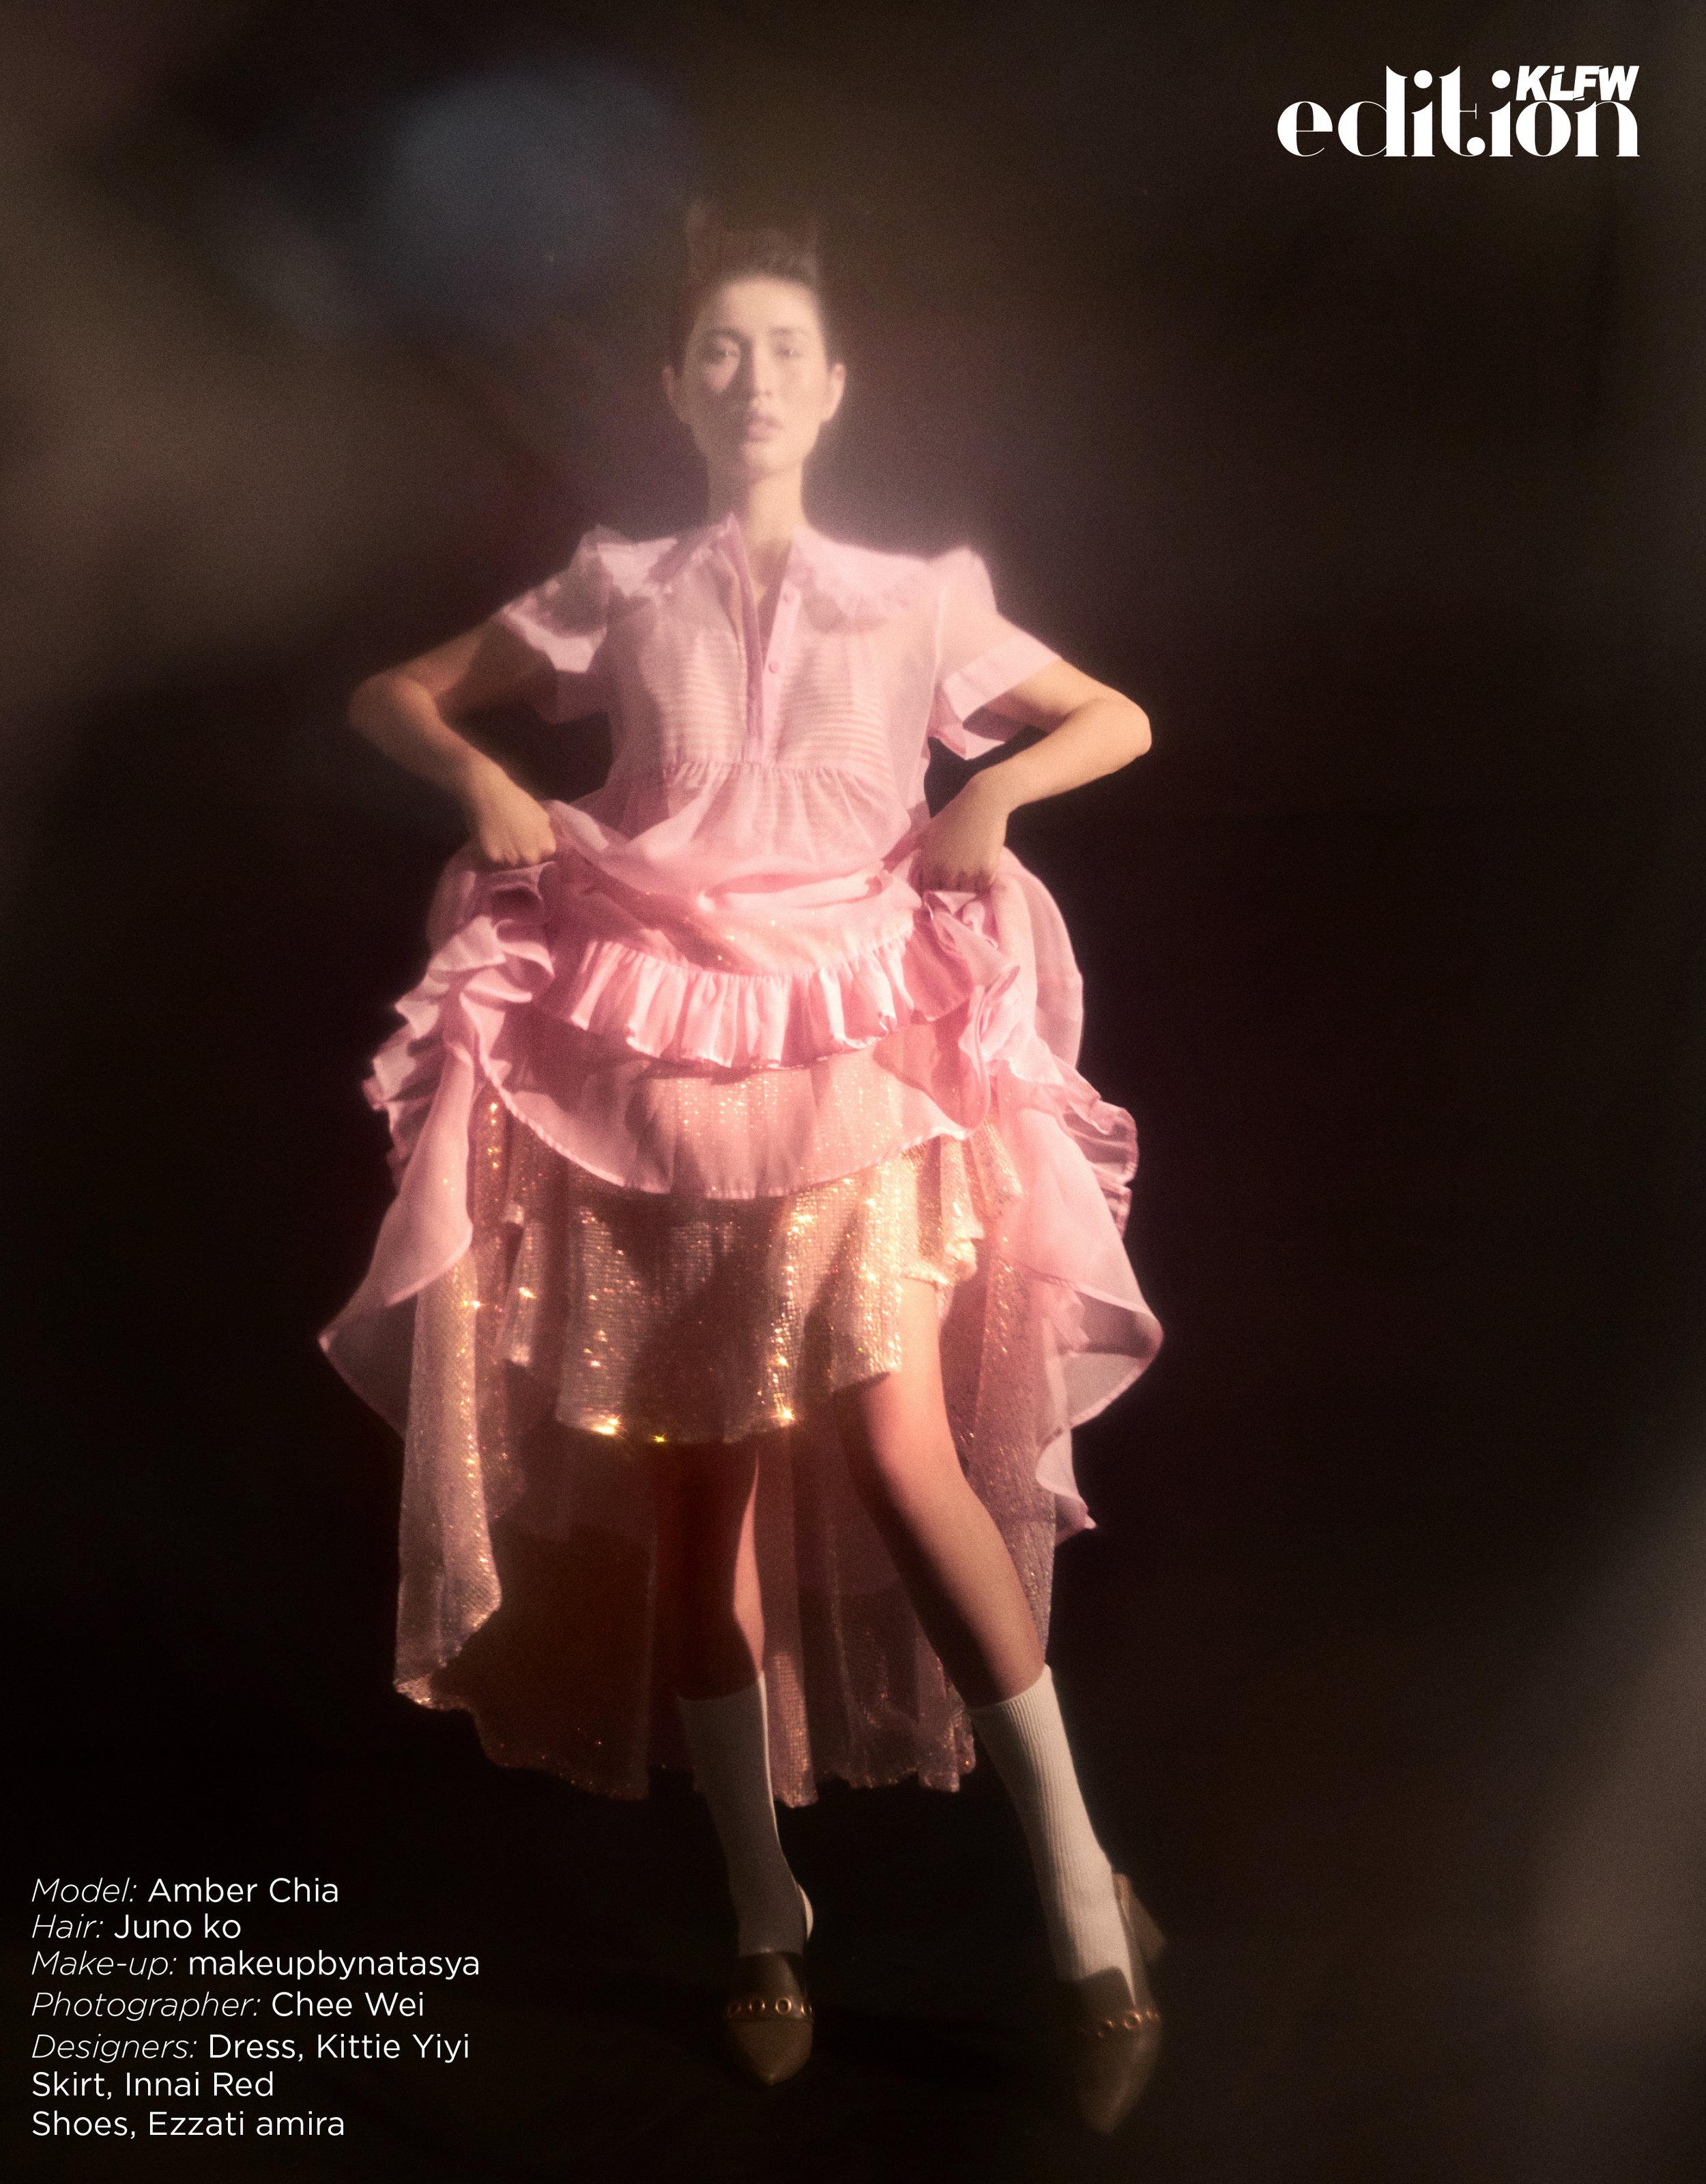 Hair:  Juno ko , Make-up:  makeupbynatasya , Photographer:  Chee Wei , Designers: Dress,  Kittie Yiyi  , Skirt Innai Red , Shoes,  Ezzati Amira